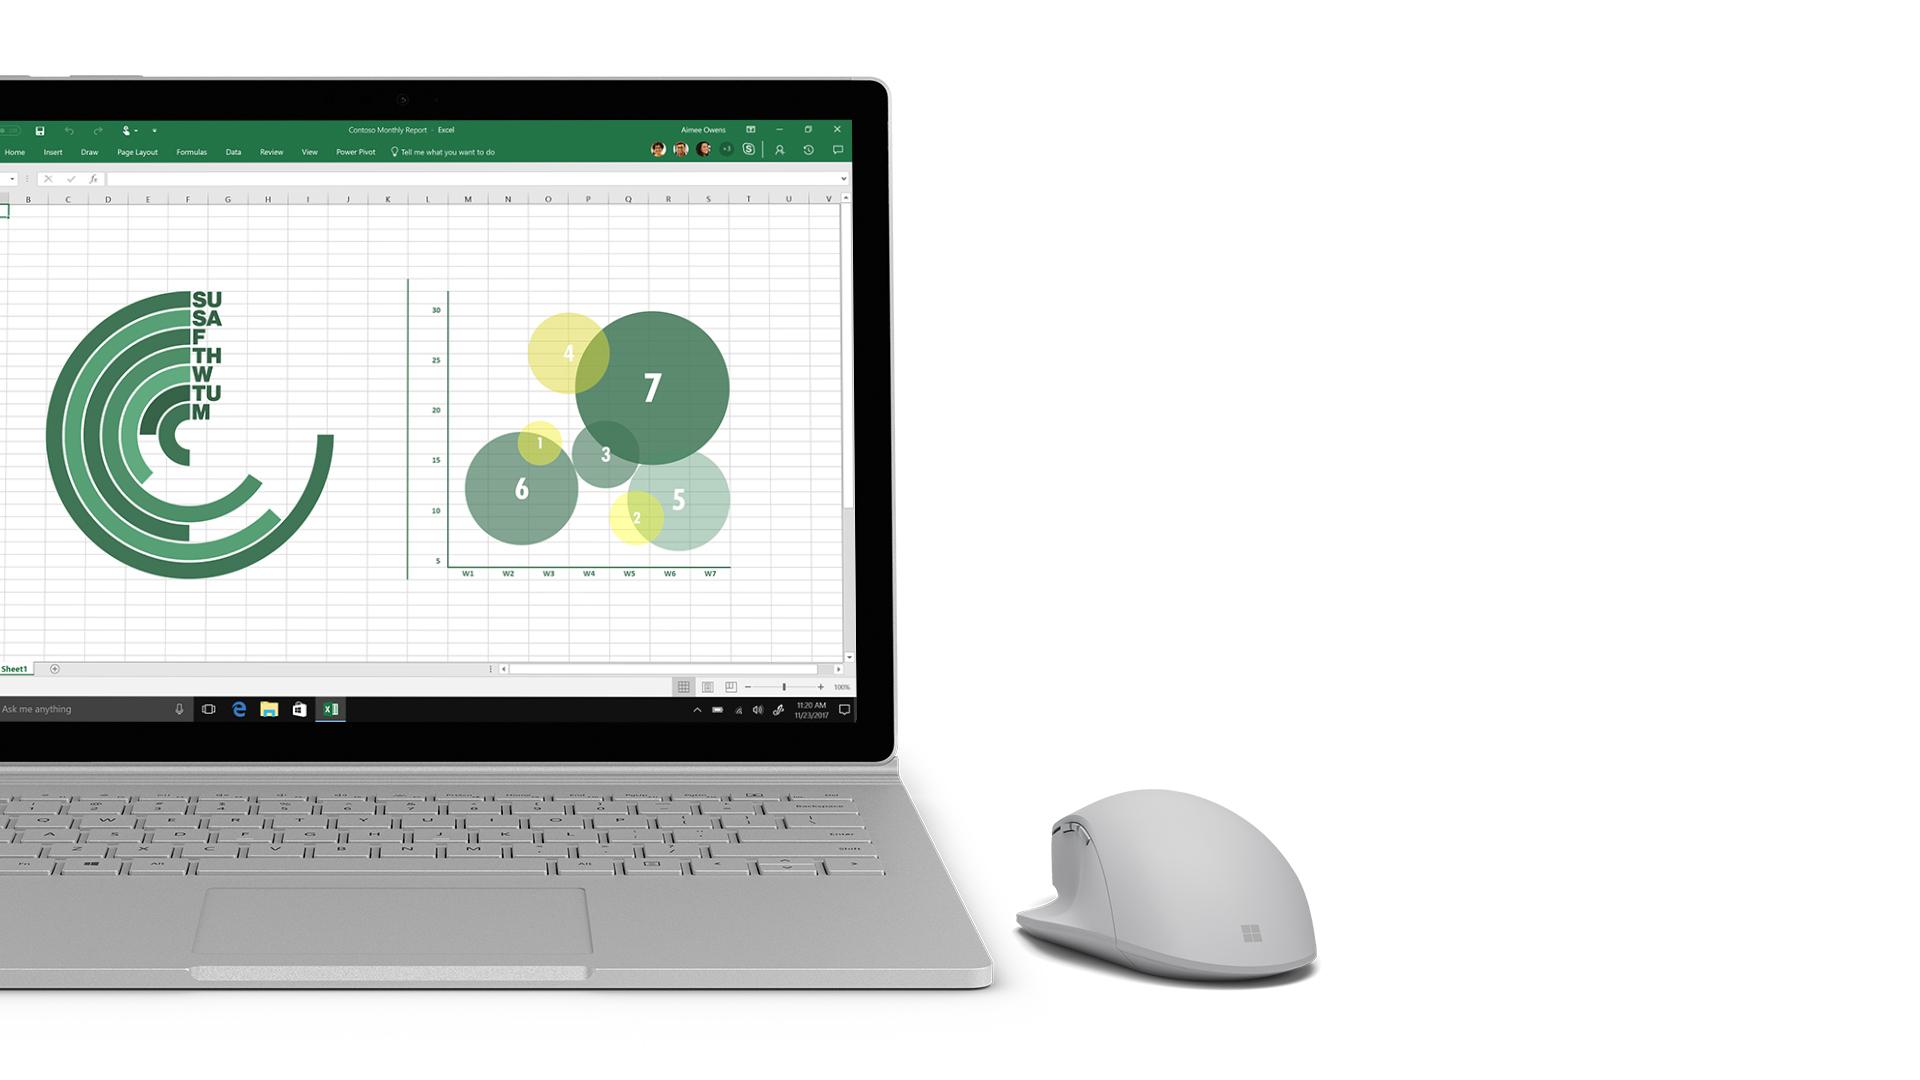 Écran d'Excel sur une Surface.